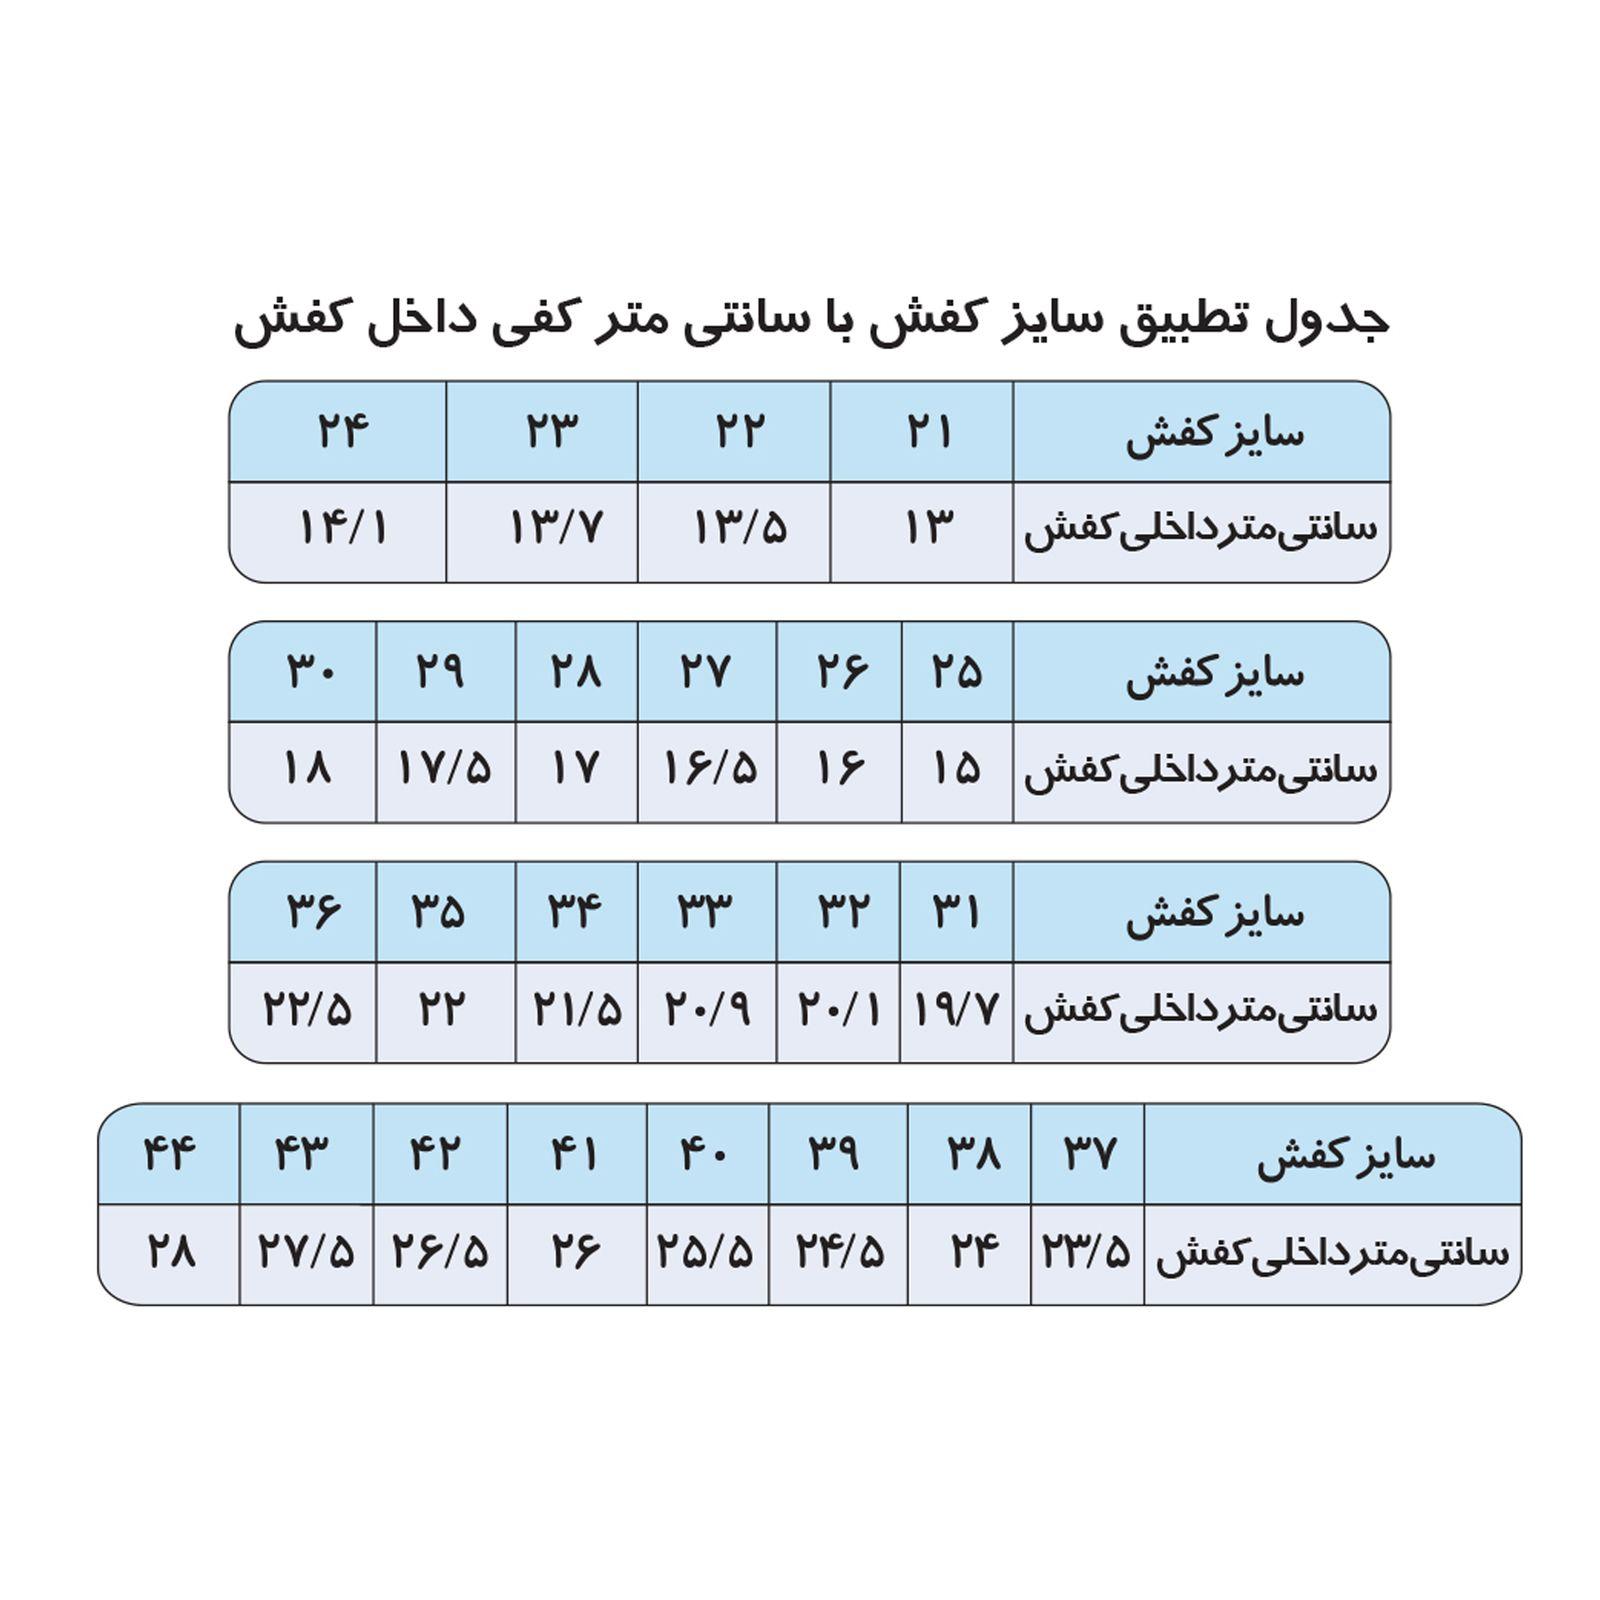 صندل مردانه ای ال ام کد 3-59715 -  - 6